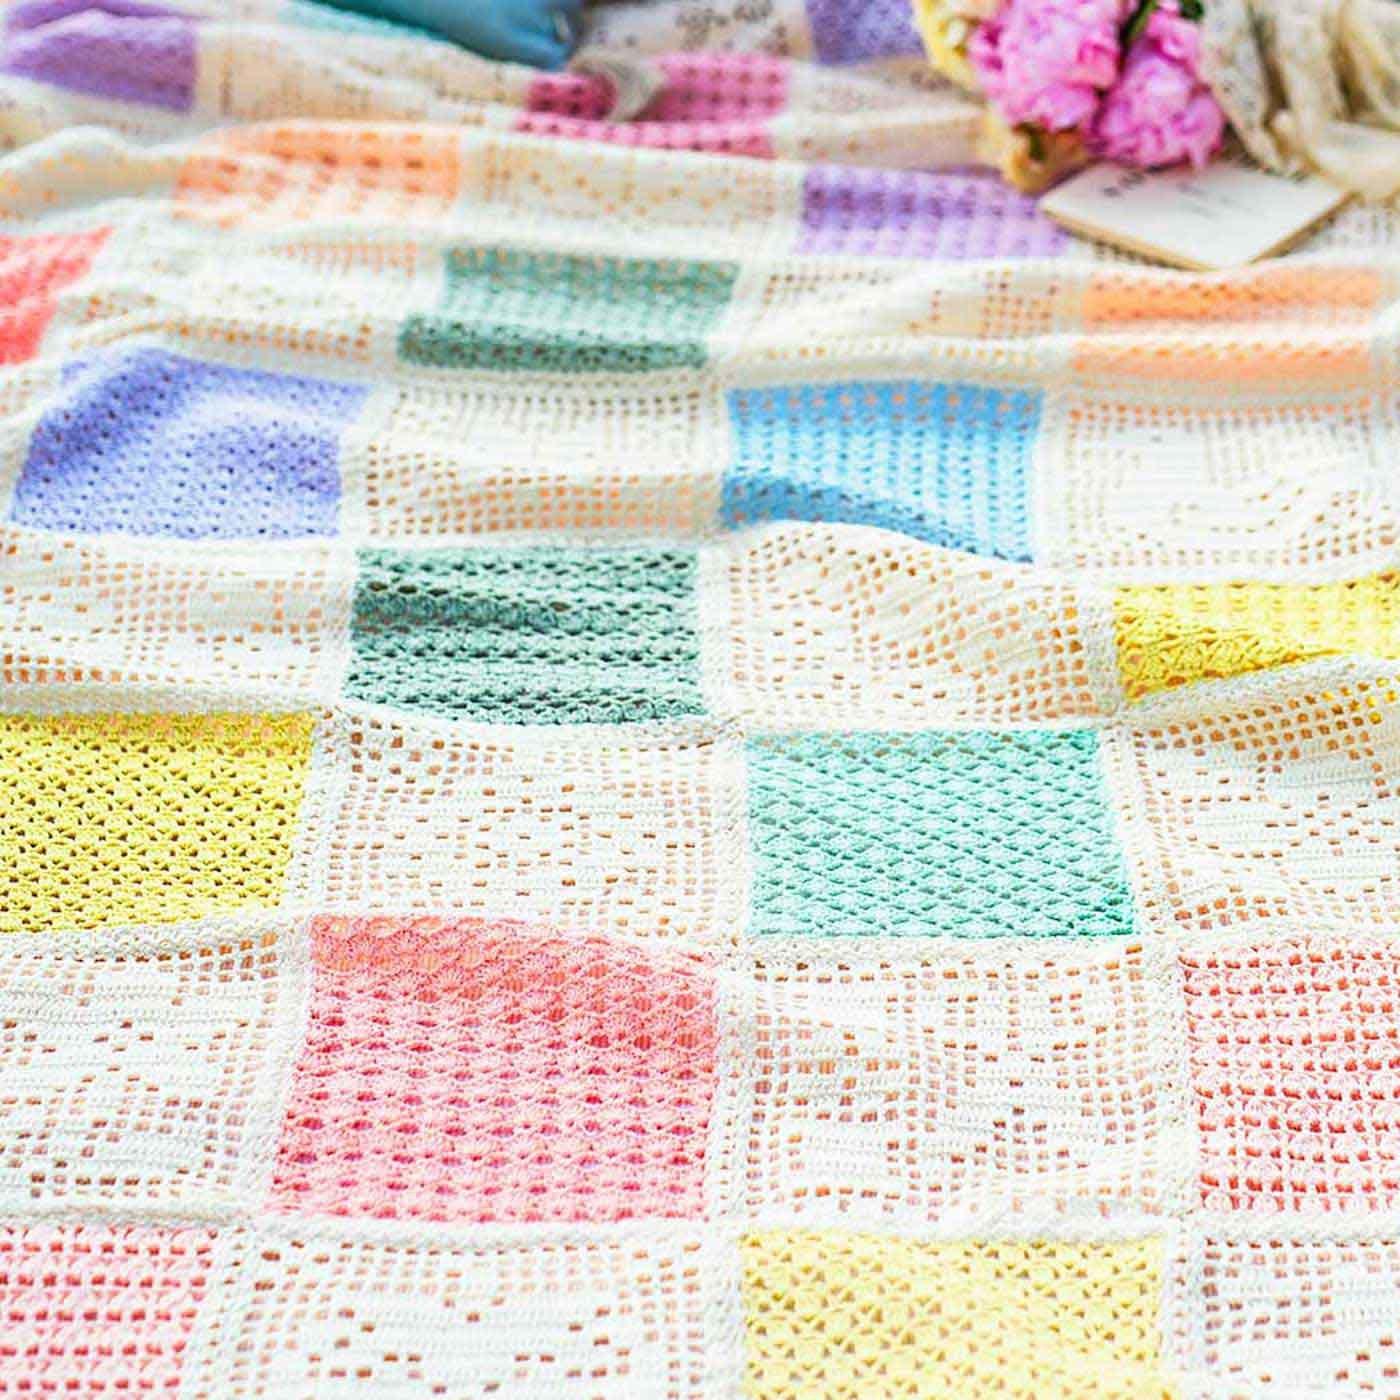 ふんわりやさしい色でつなぐ 方眼編みと模様編みドイリーの会